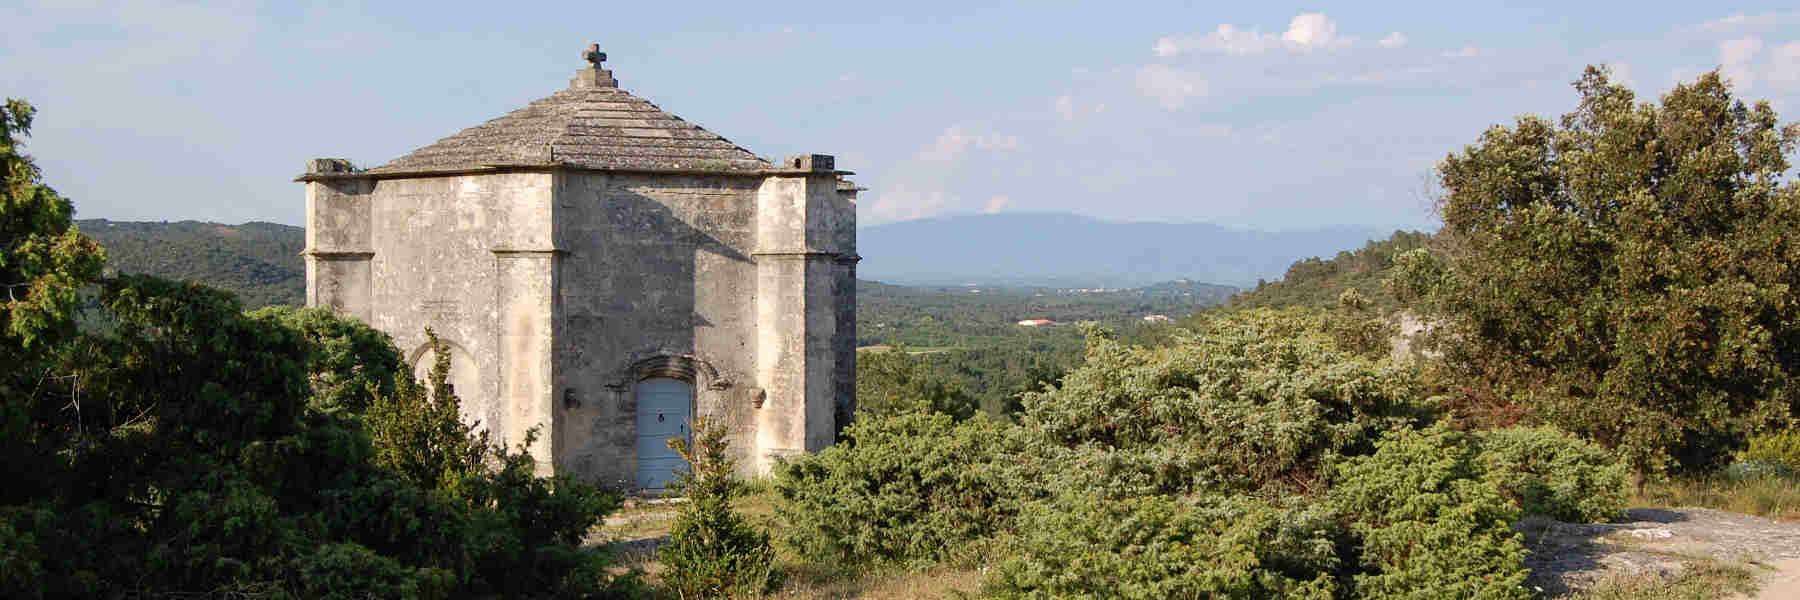 Visite du village de Saint-Restitut